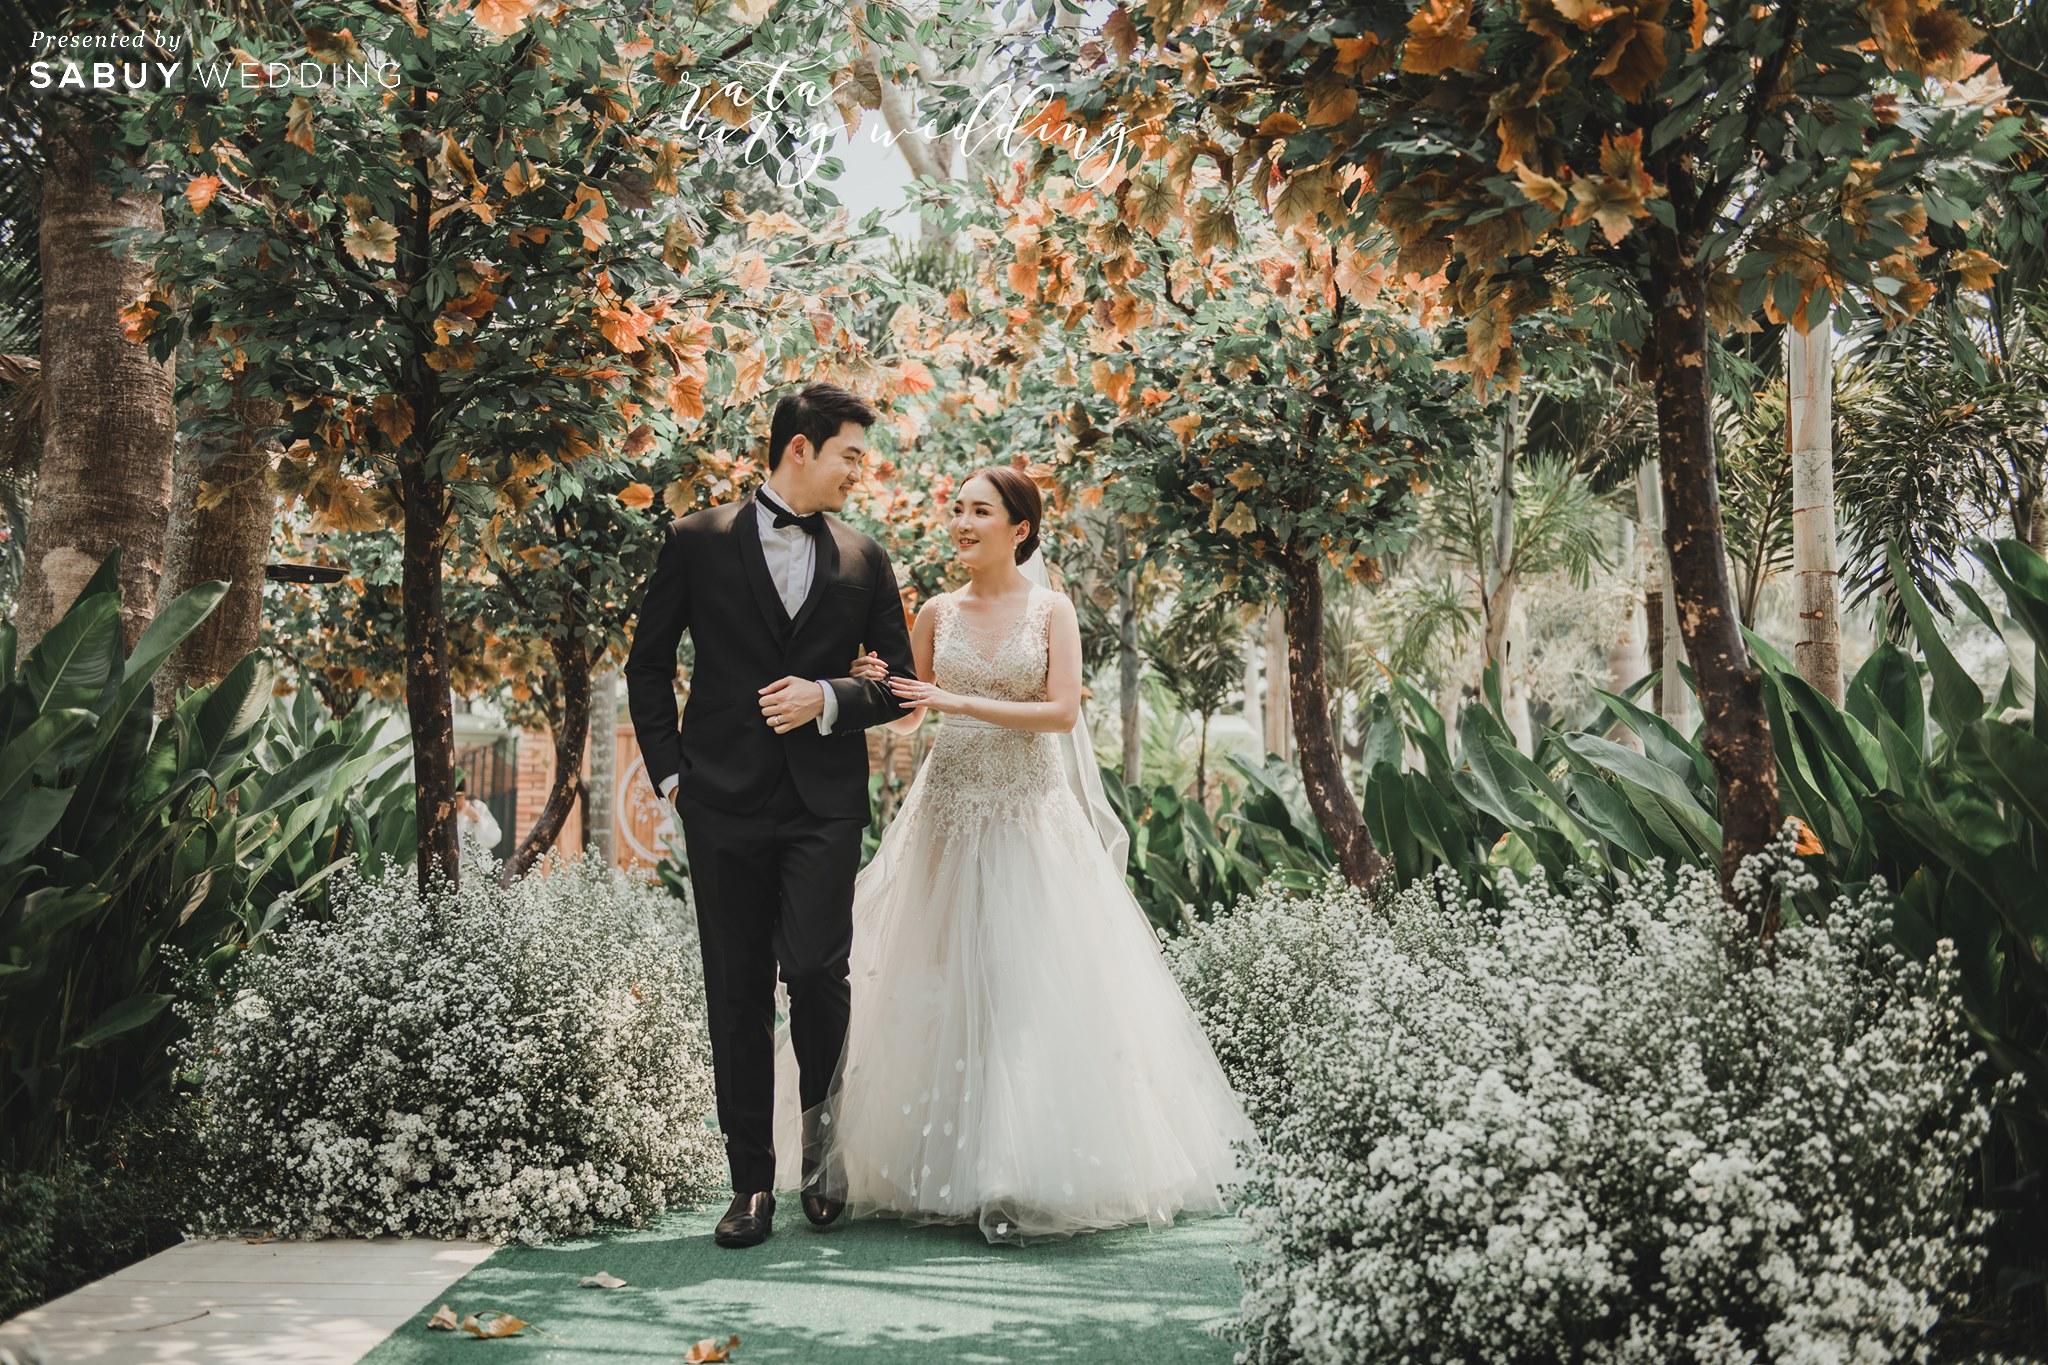 เจ้าสาว,เจ้าบ่าว,แต่งงาน,ชุดแต่งงาน รีวิวงานแต่งสวนสวยละมุนใจ บรรยากาศโรแมนติก @ Le coq d'or Chiangmai